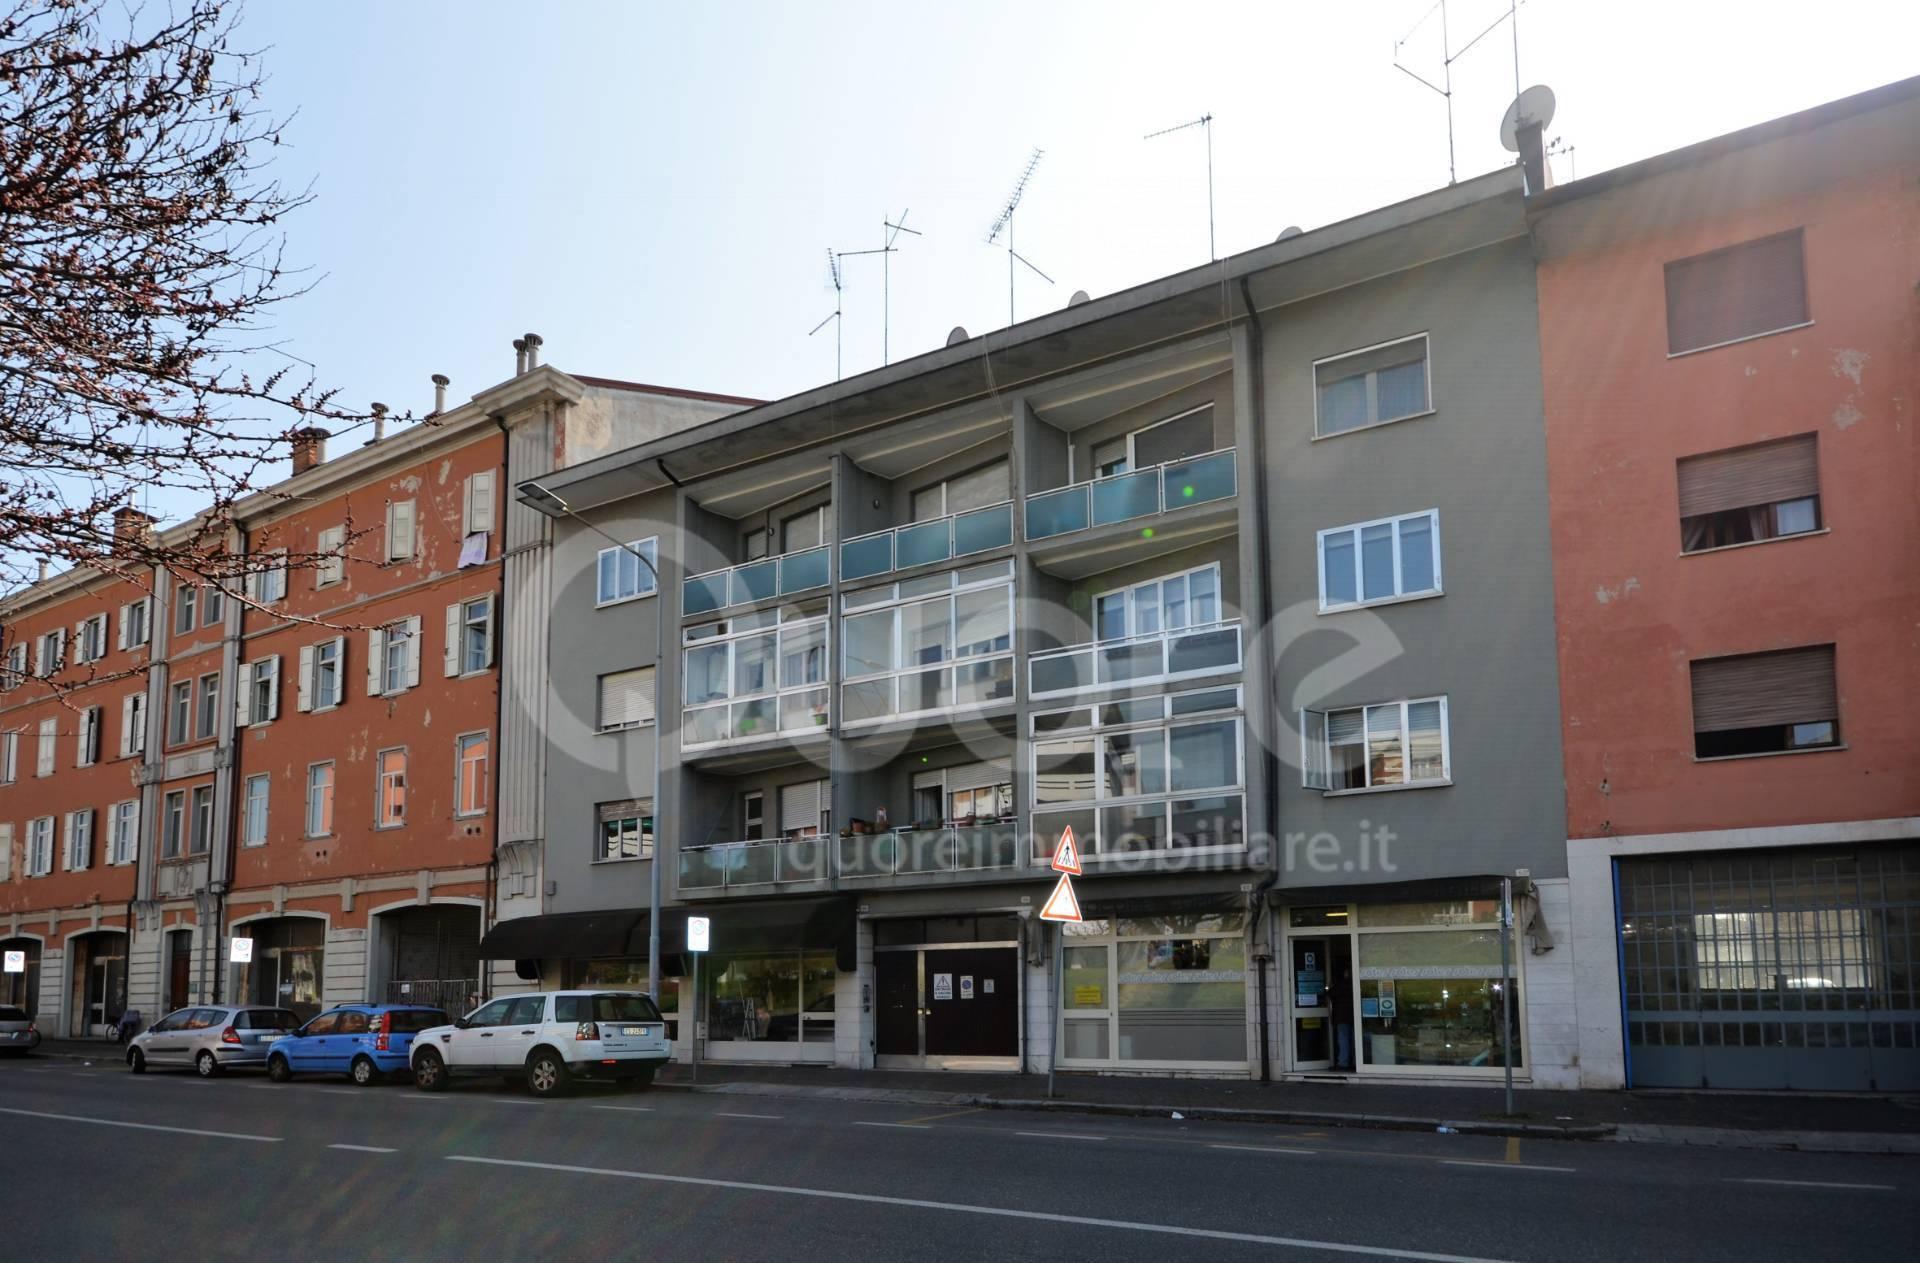 Appartamento a Udine - Centro storico Cod. CO2305